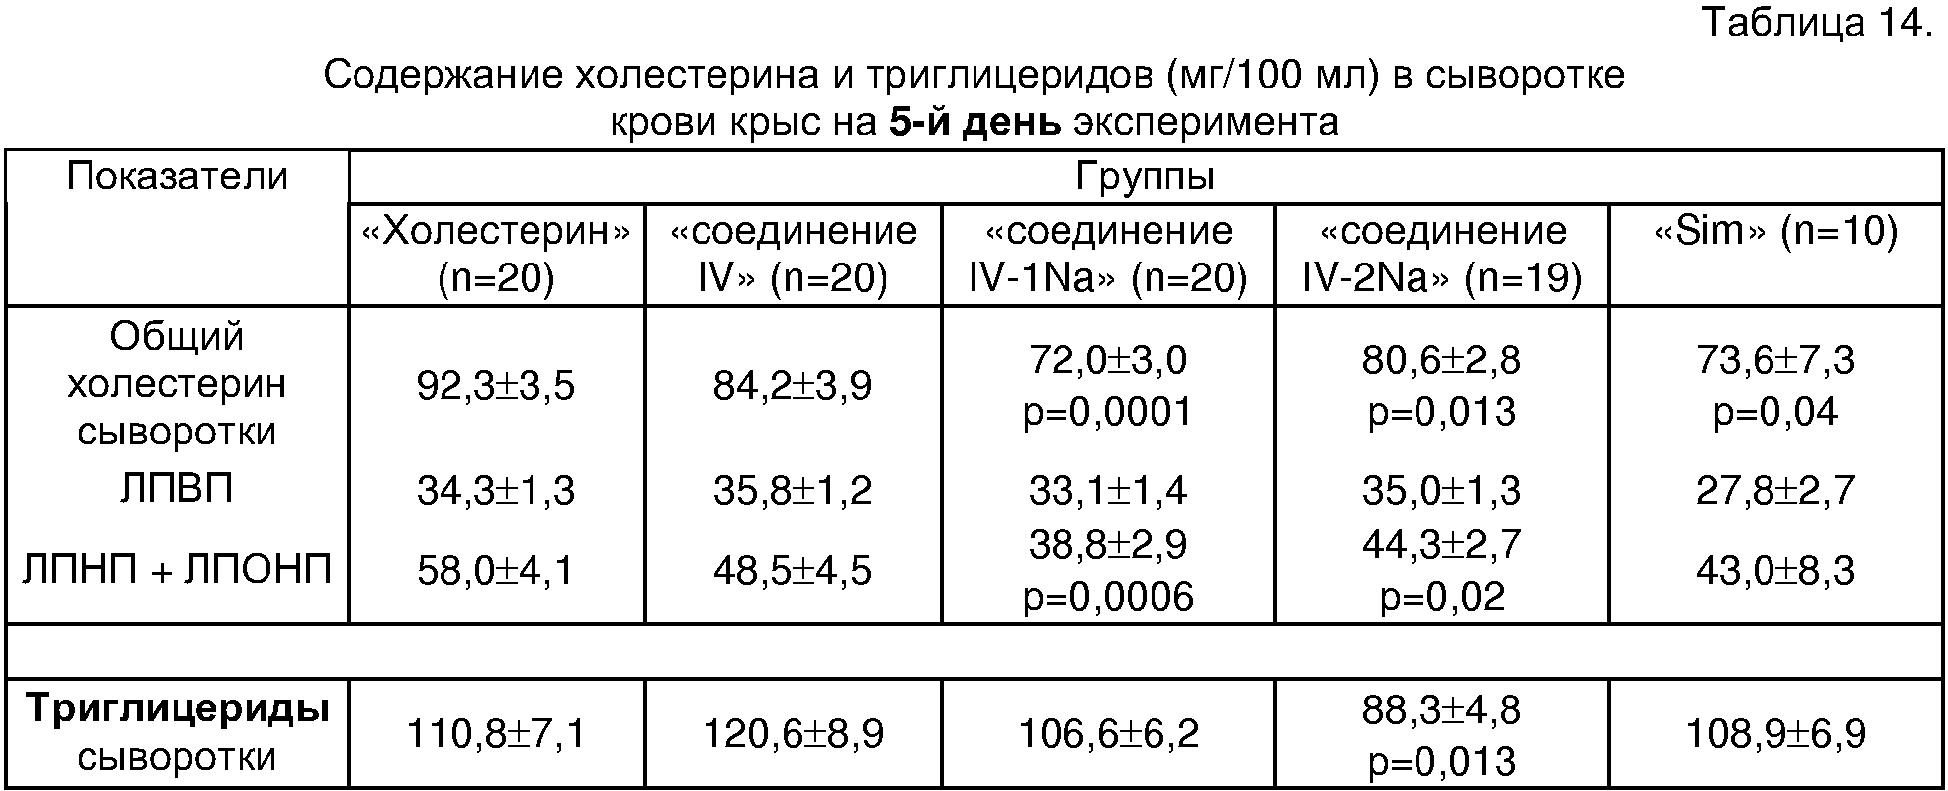 Холестерин общий норма (таблица). холестерин общий повышен или понижен - что это значит